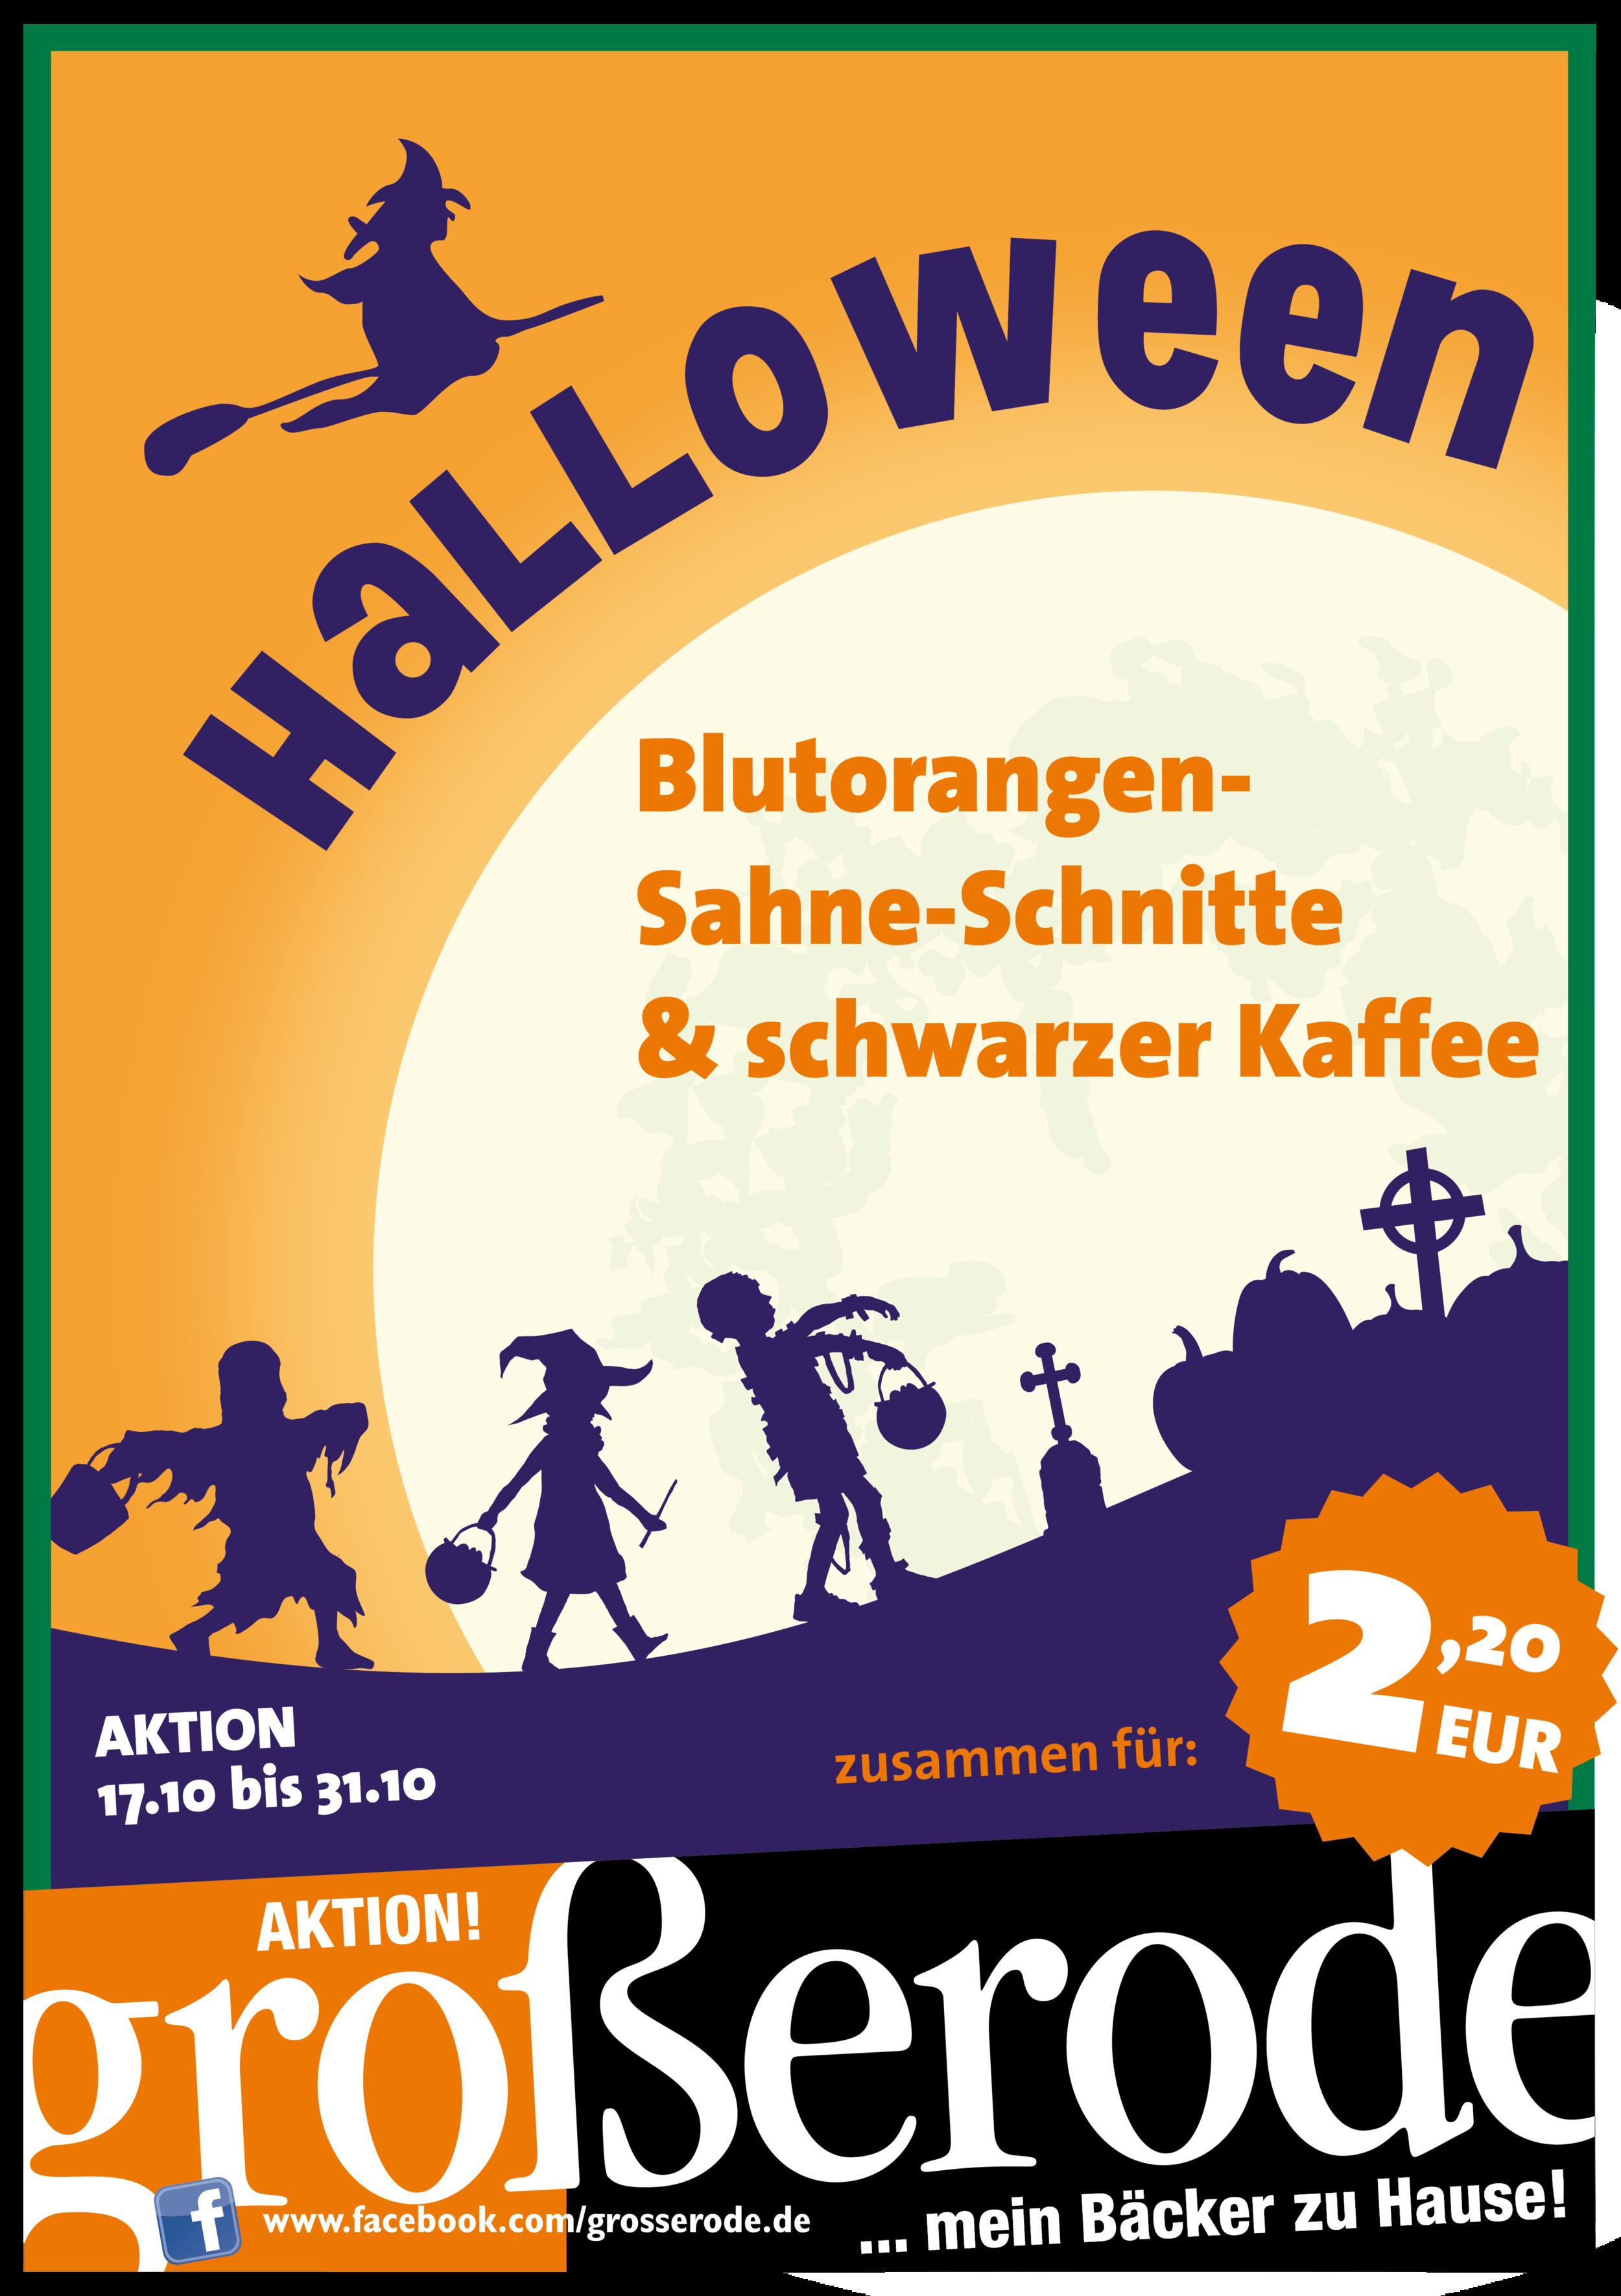 20160926_Grosserode_Halloween_PlakatA1_Ansicht.png